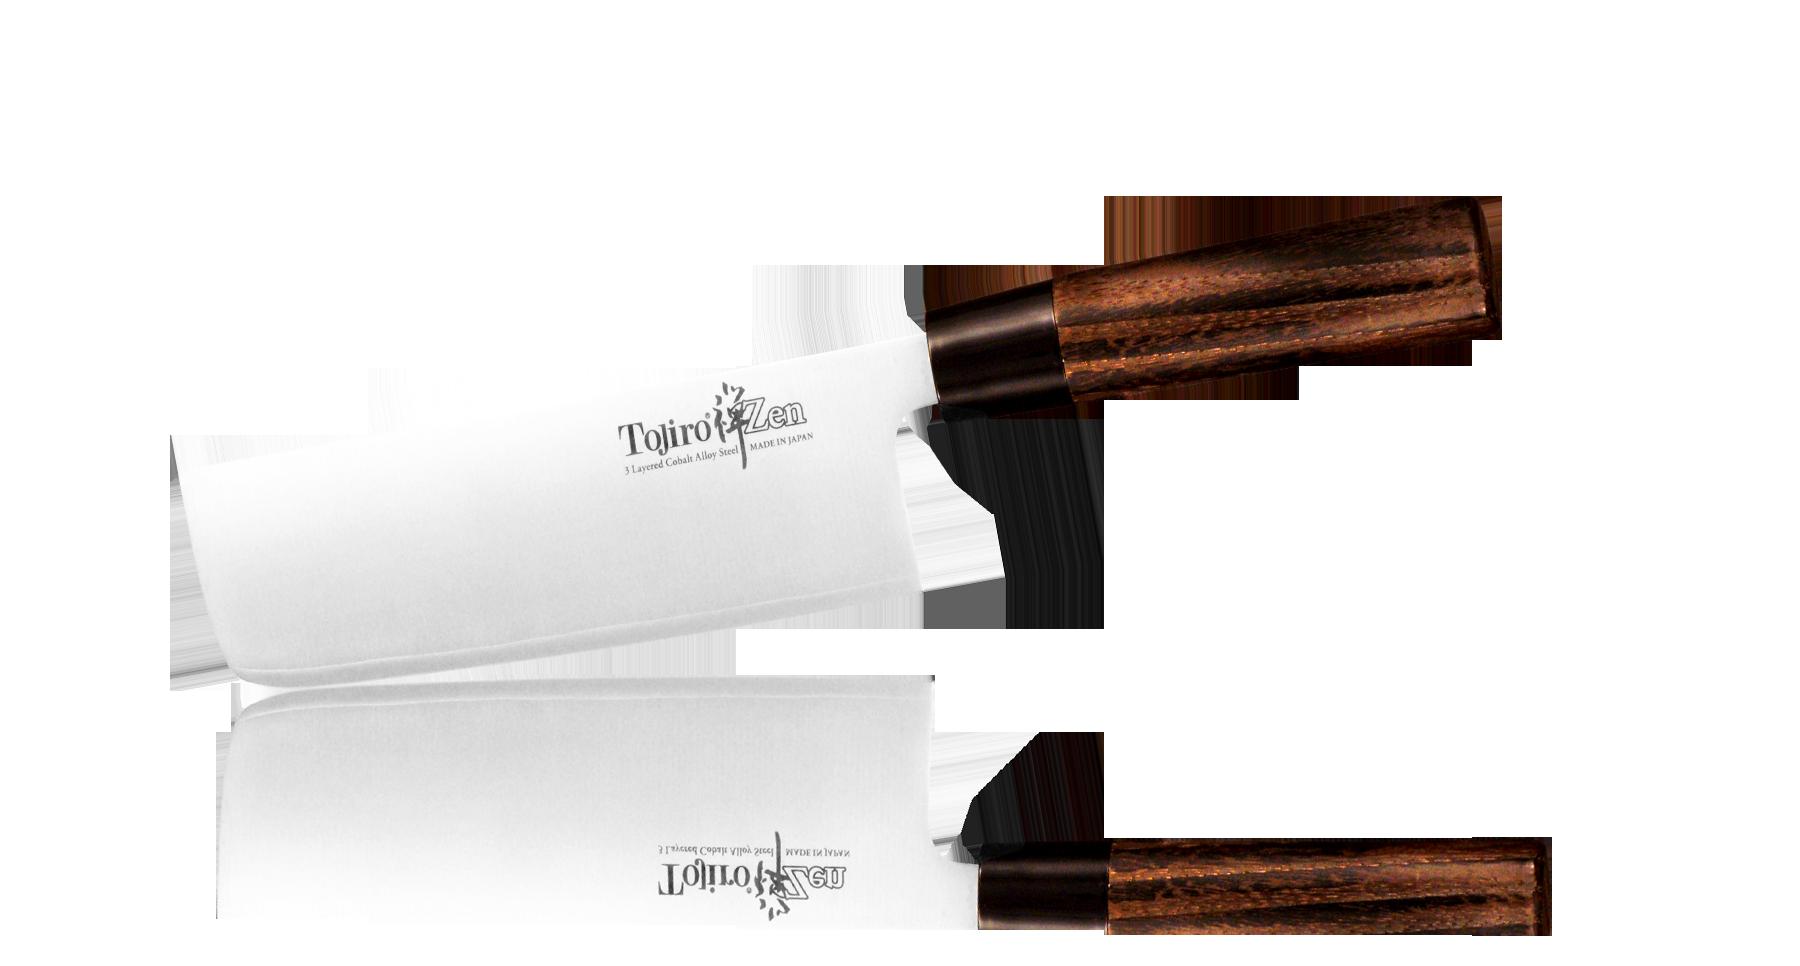 Нож Овощной ZEN 165 мм, сталь VG-10, Tojiro нож овощной supreme series dp 165 мм сталь vg 10 tojiro